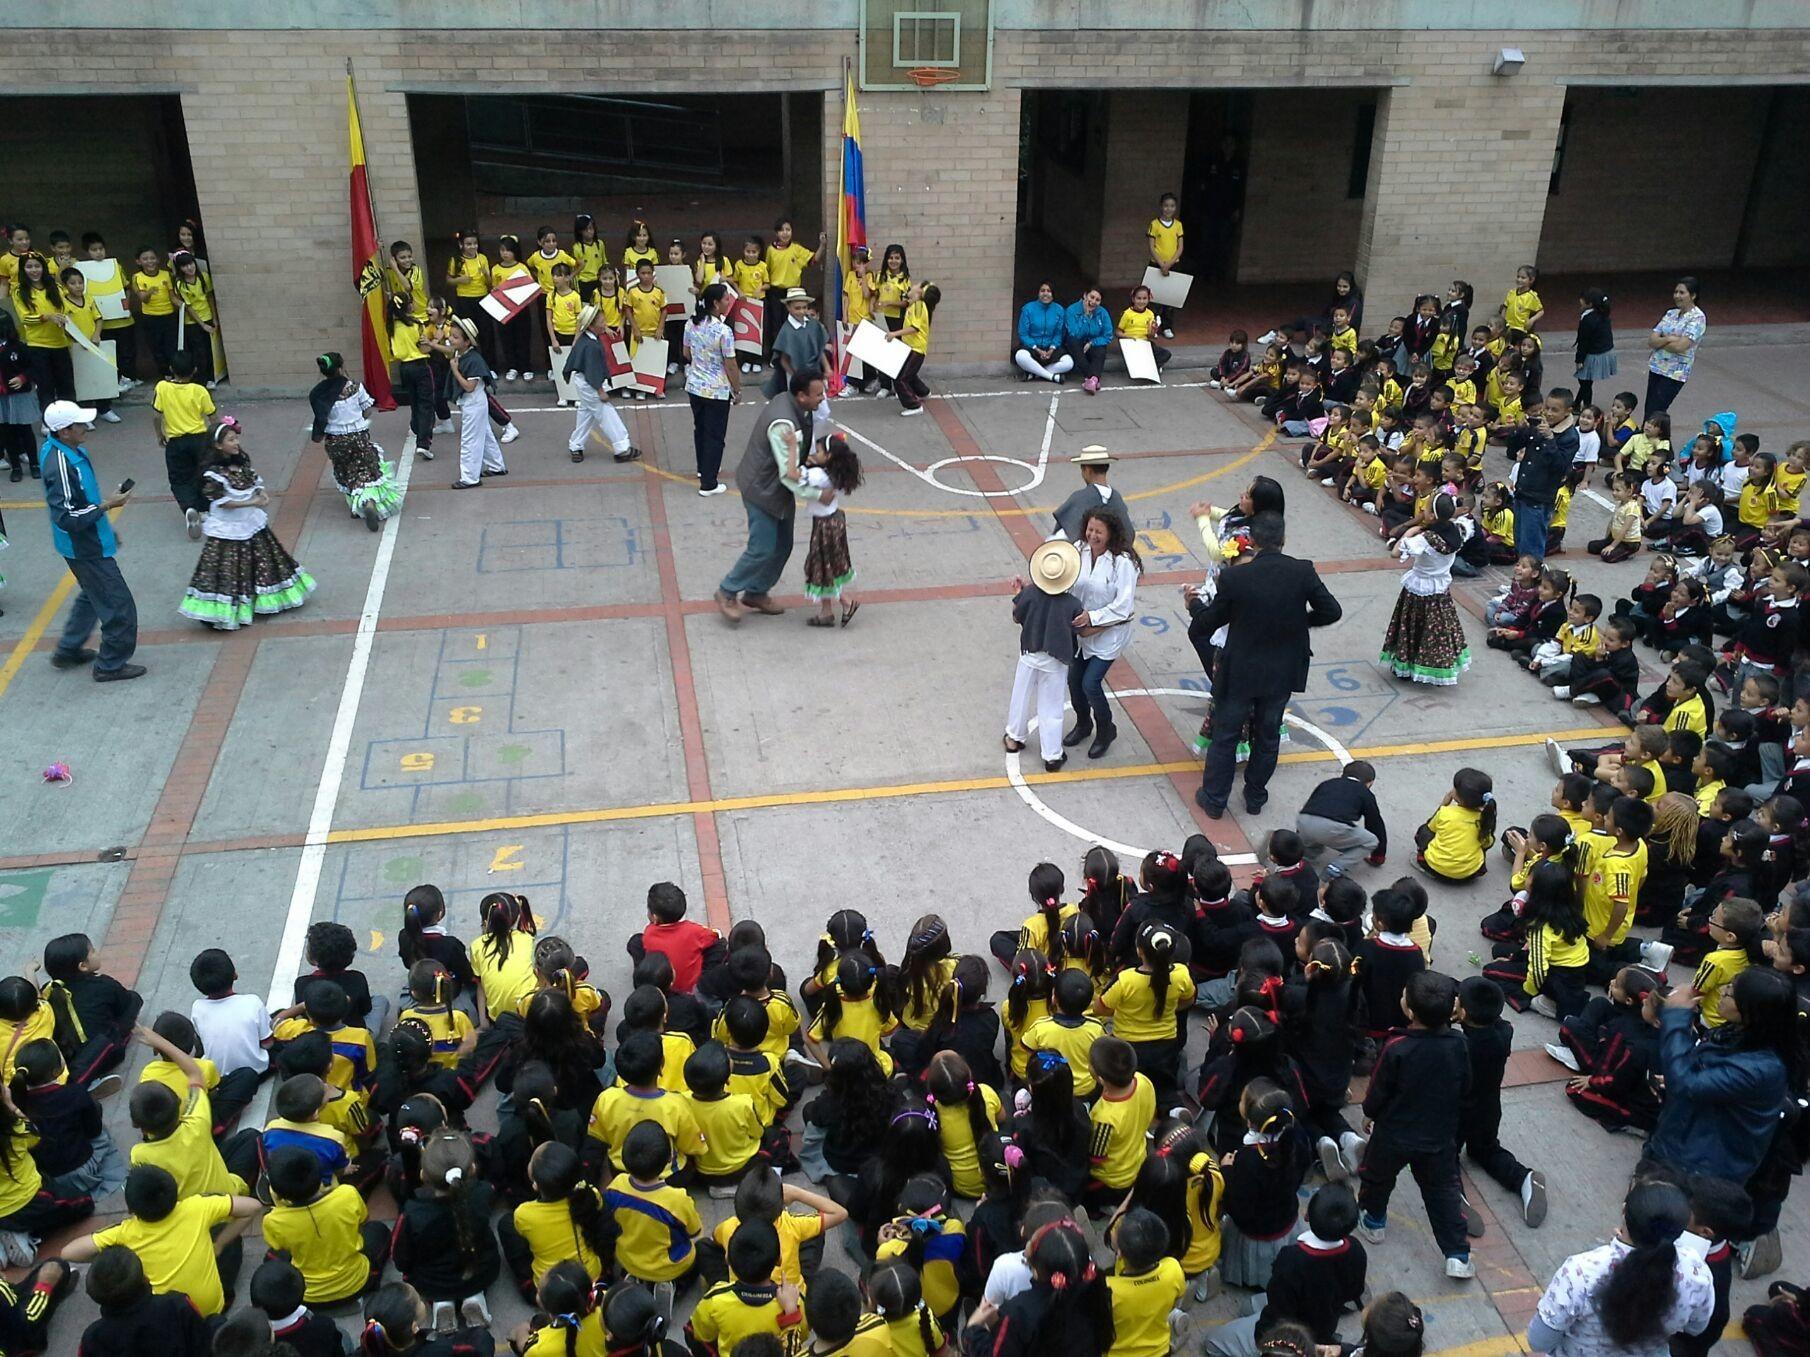 Las danzas de los niños y los profesores.